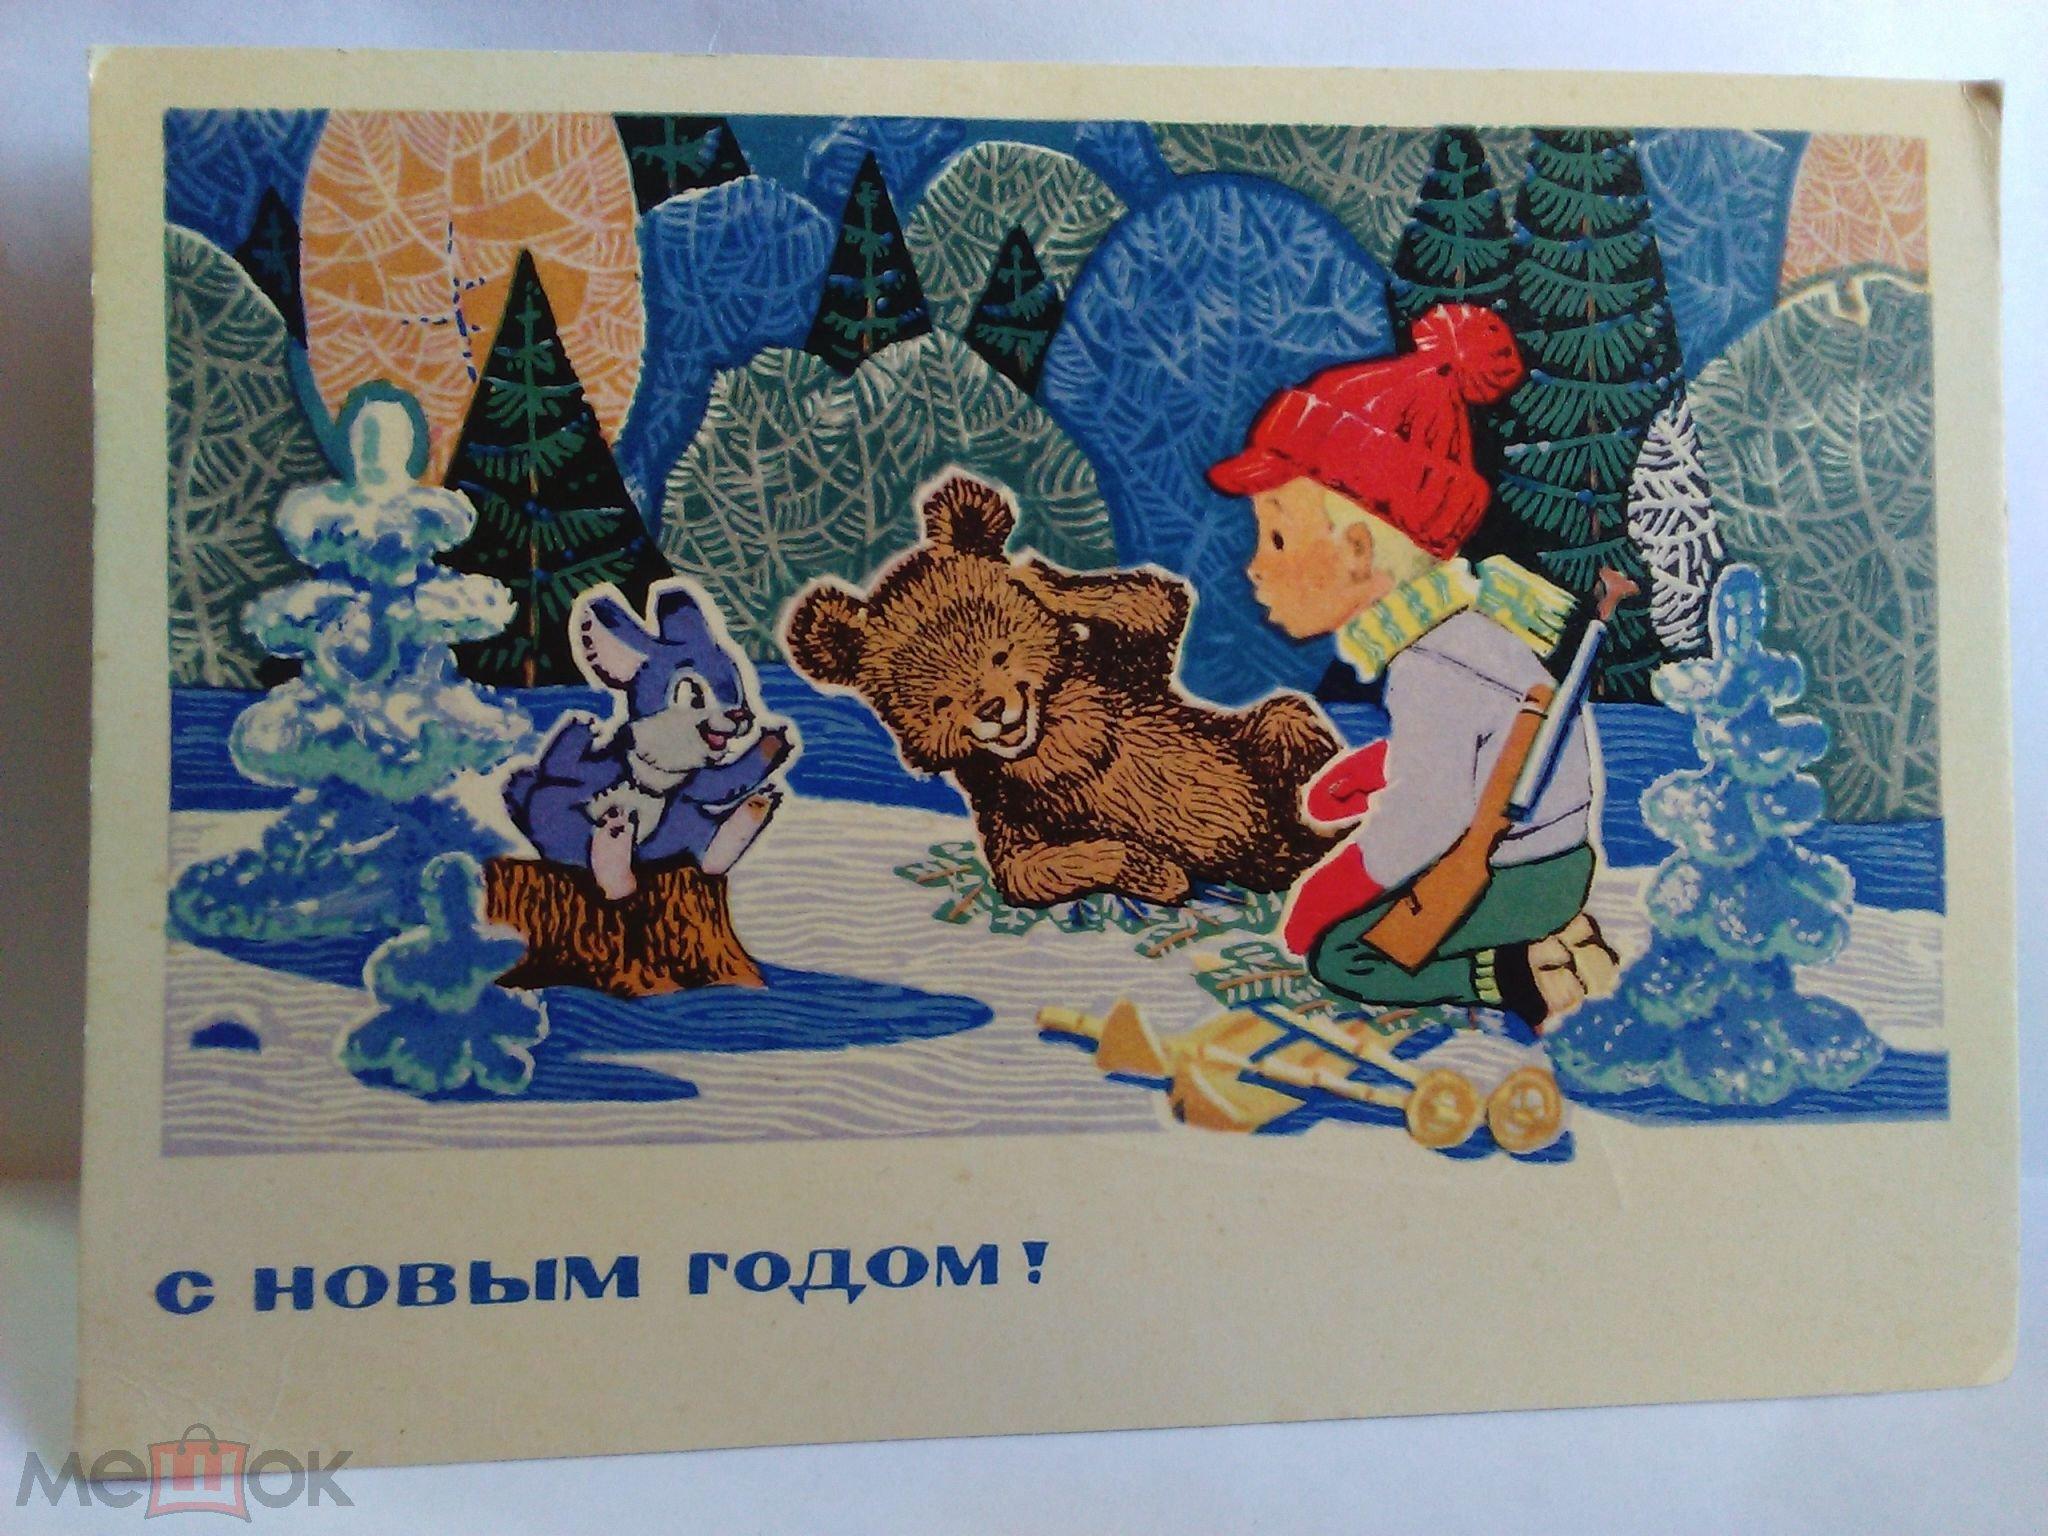 Продам открытки в.и.зарубина